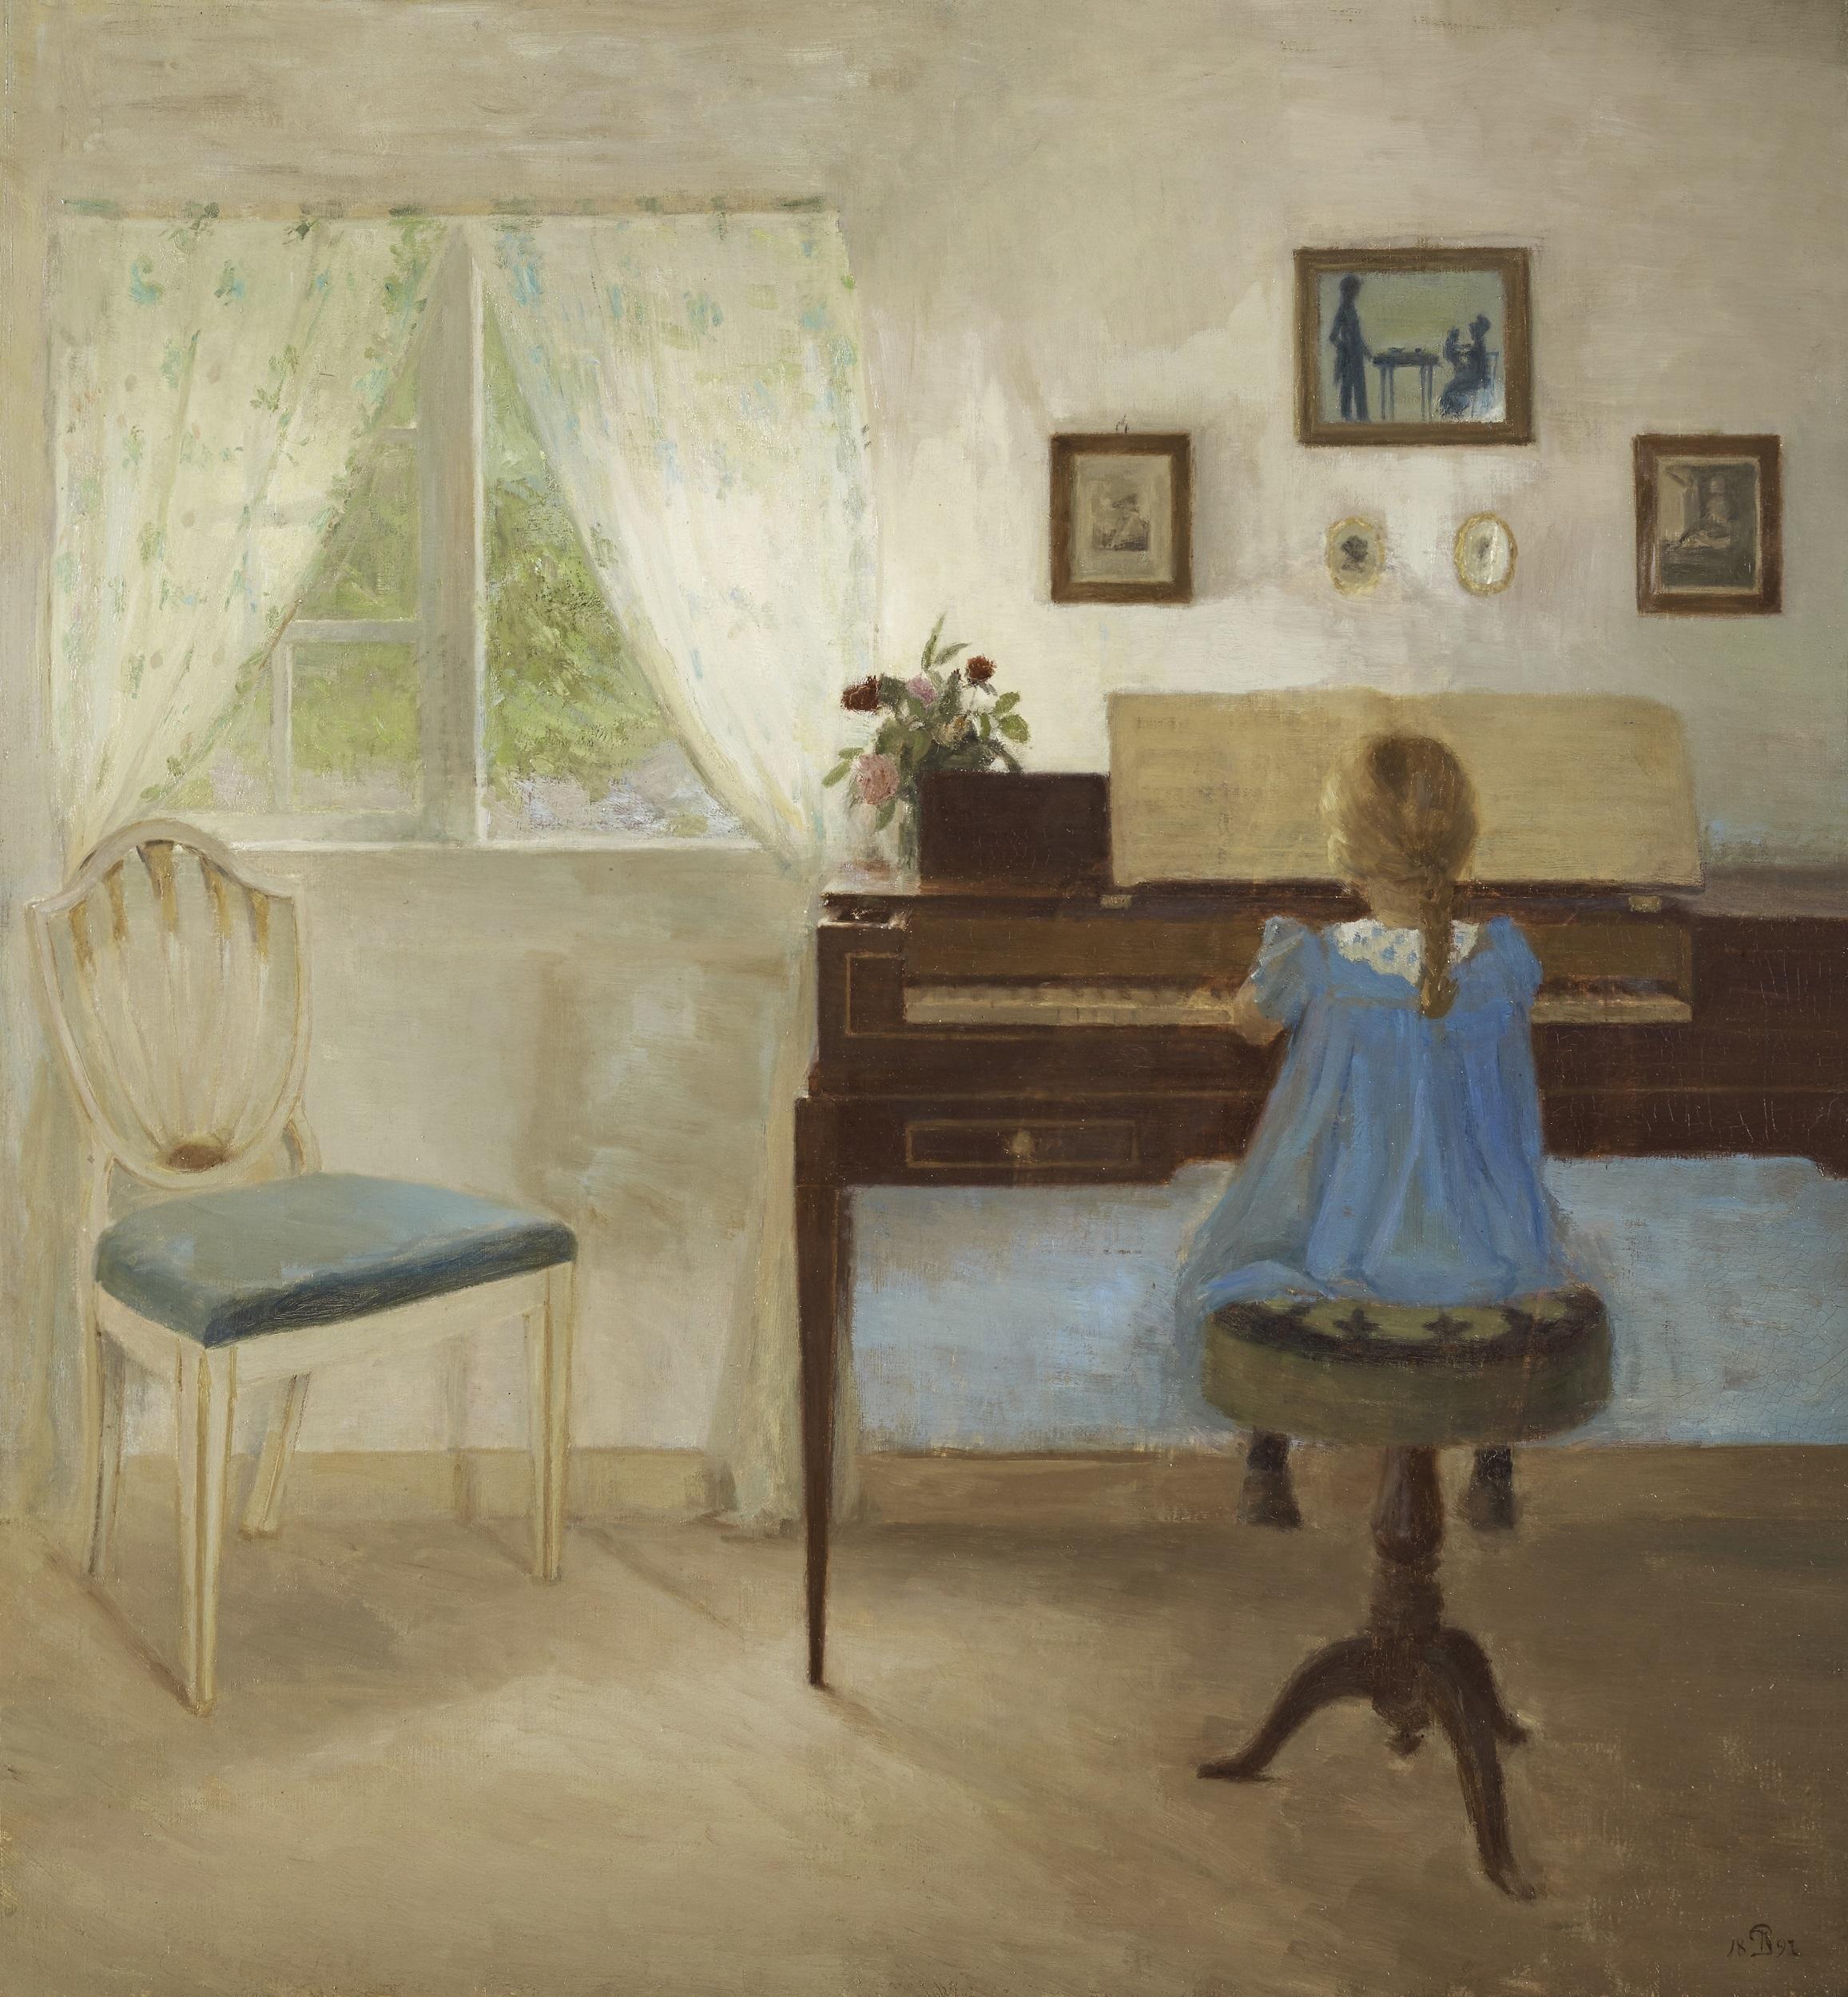 ピーダ・イルステズ 《ピアノに向かう少女》 1897年 アロス・オーフース美術館蔵 ARoS Arhus Kunstmuseum / (C)  Photo: Ole Hein Pedersen